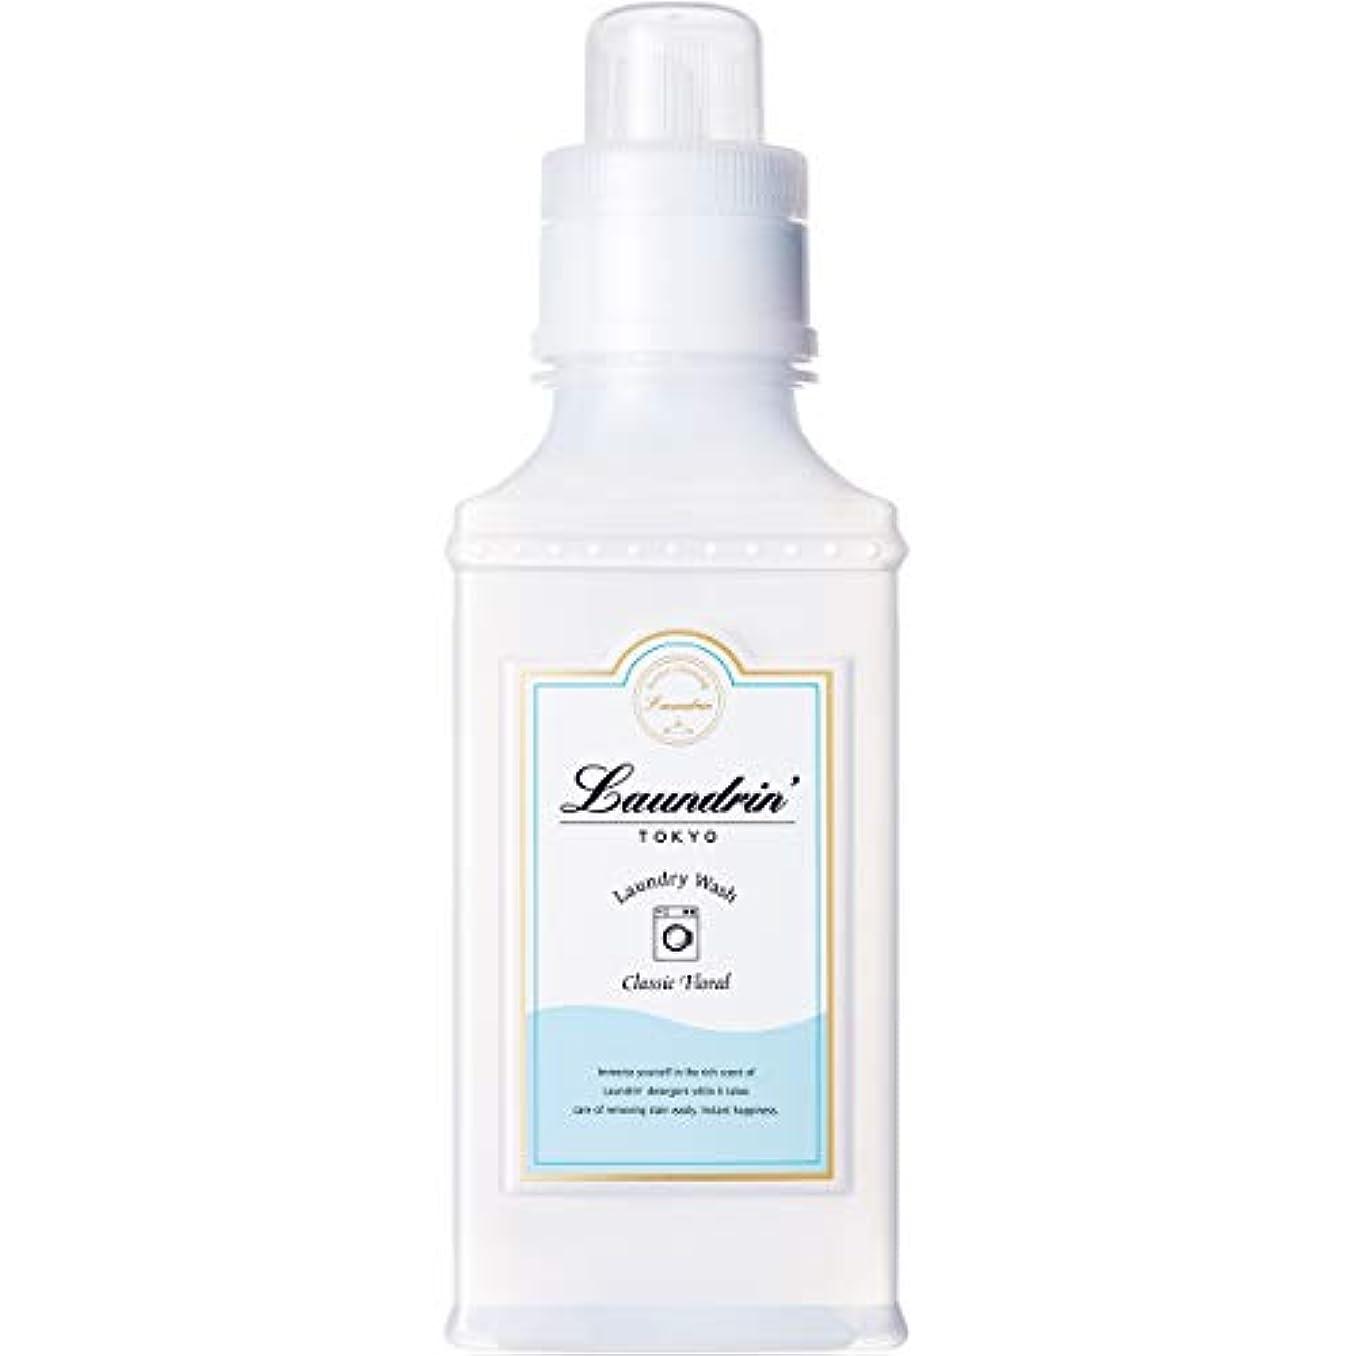 落花生効率剥離ランドリン WASH 洗濯洗剤 濃縮液体 クラシックフローラル 410g